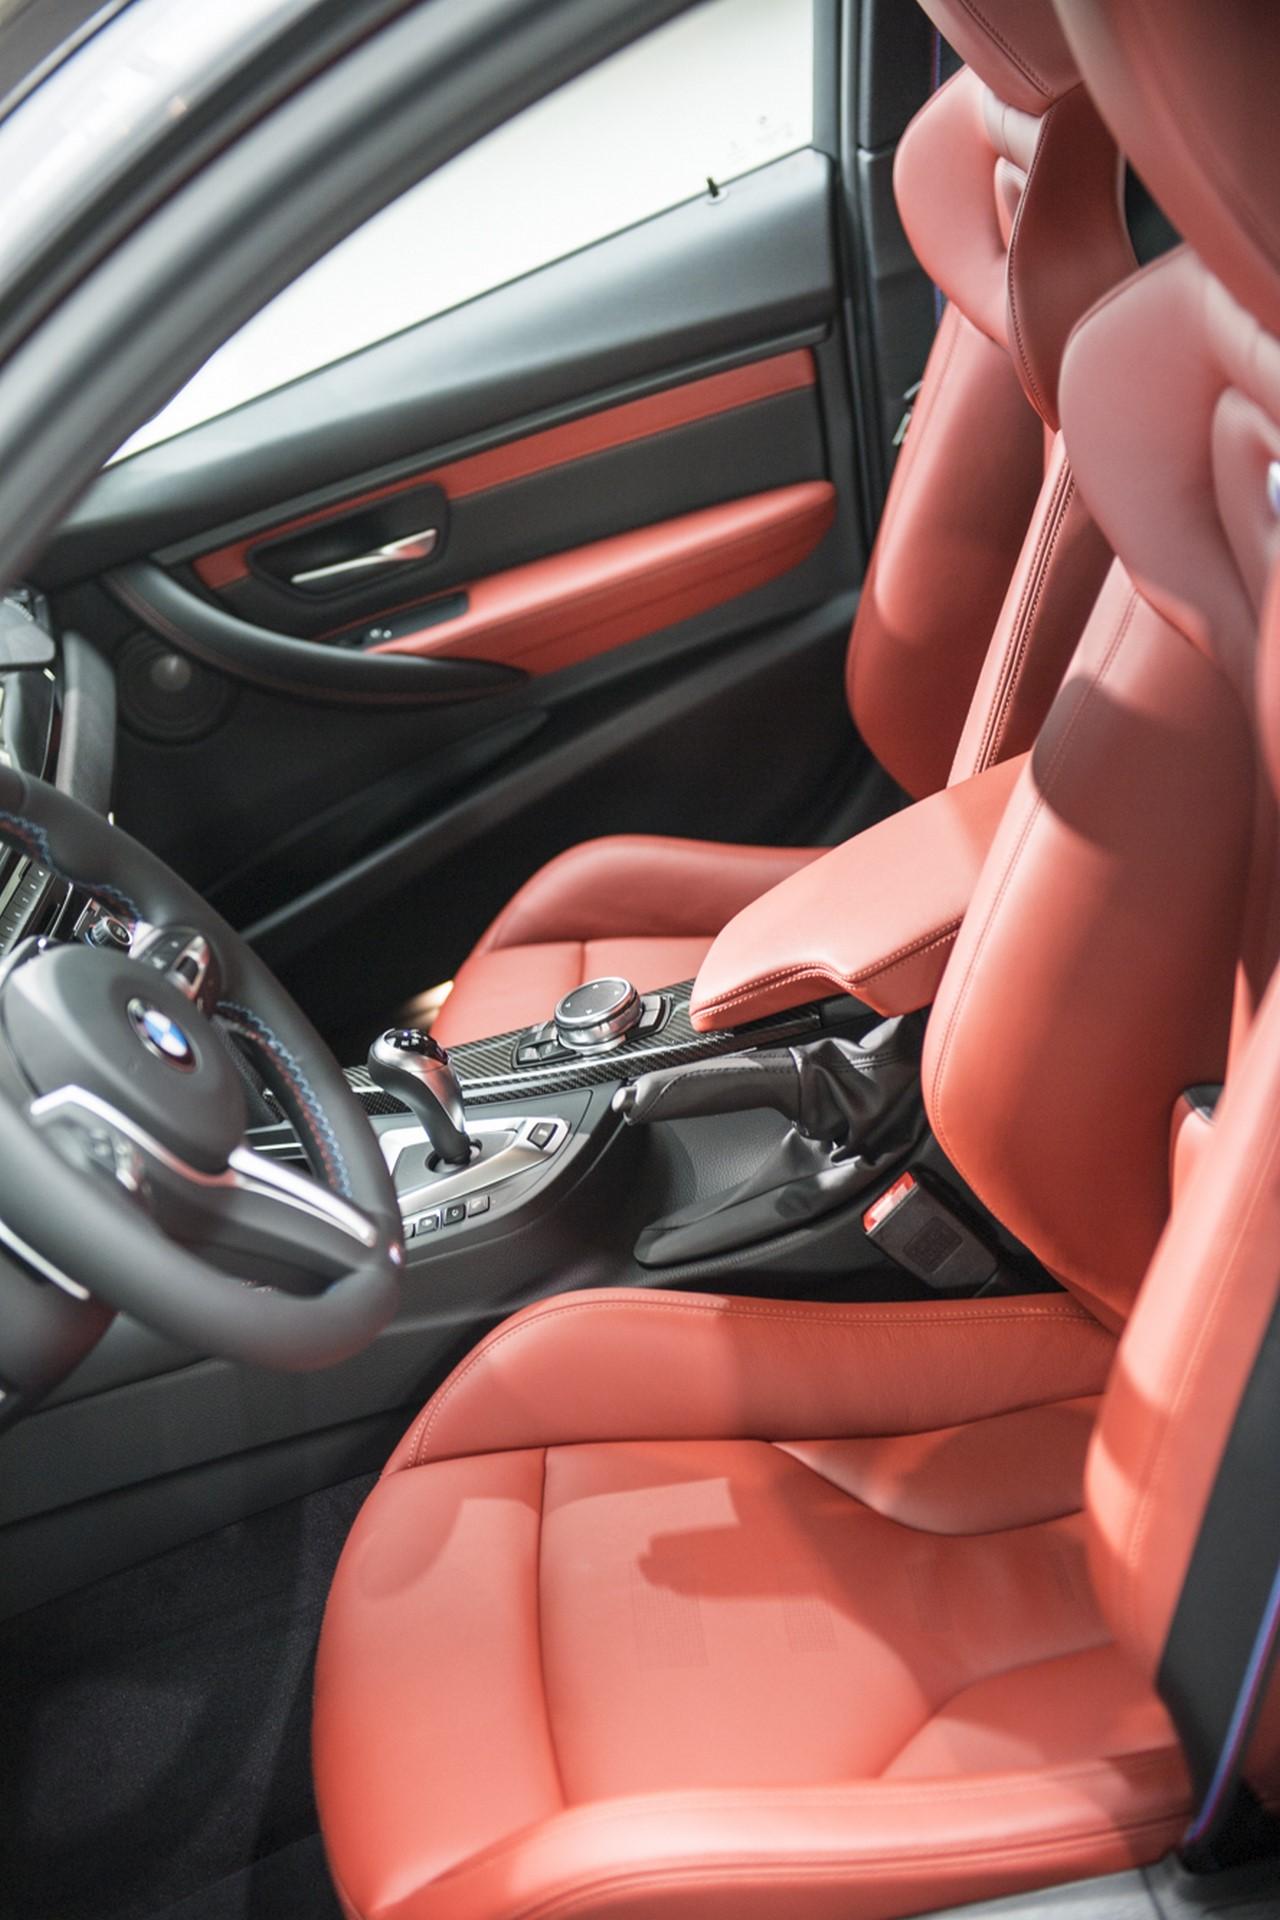 BMW M3 in Nardo Grey color (6)